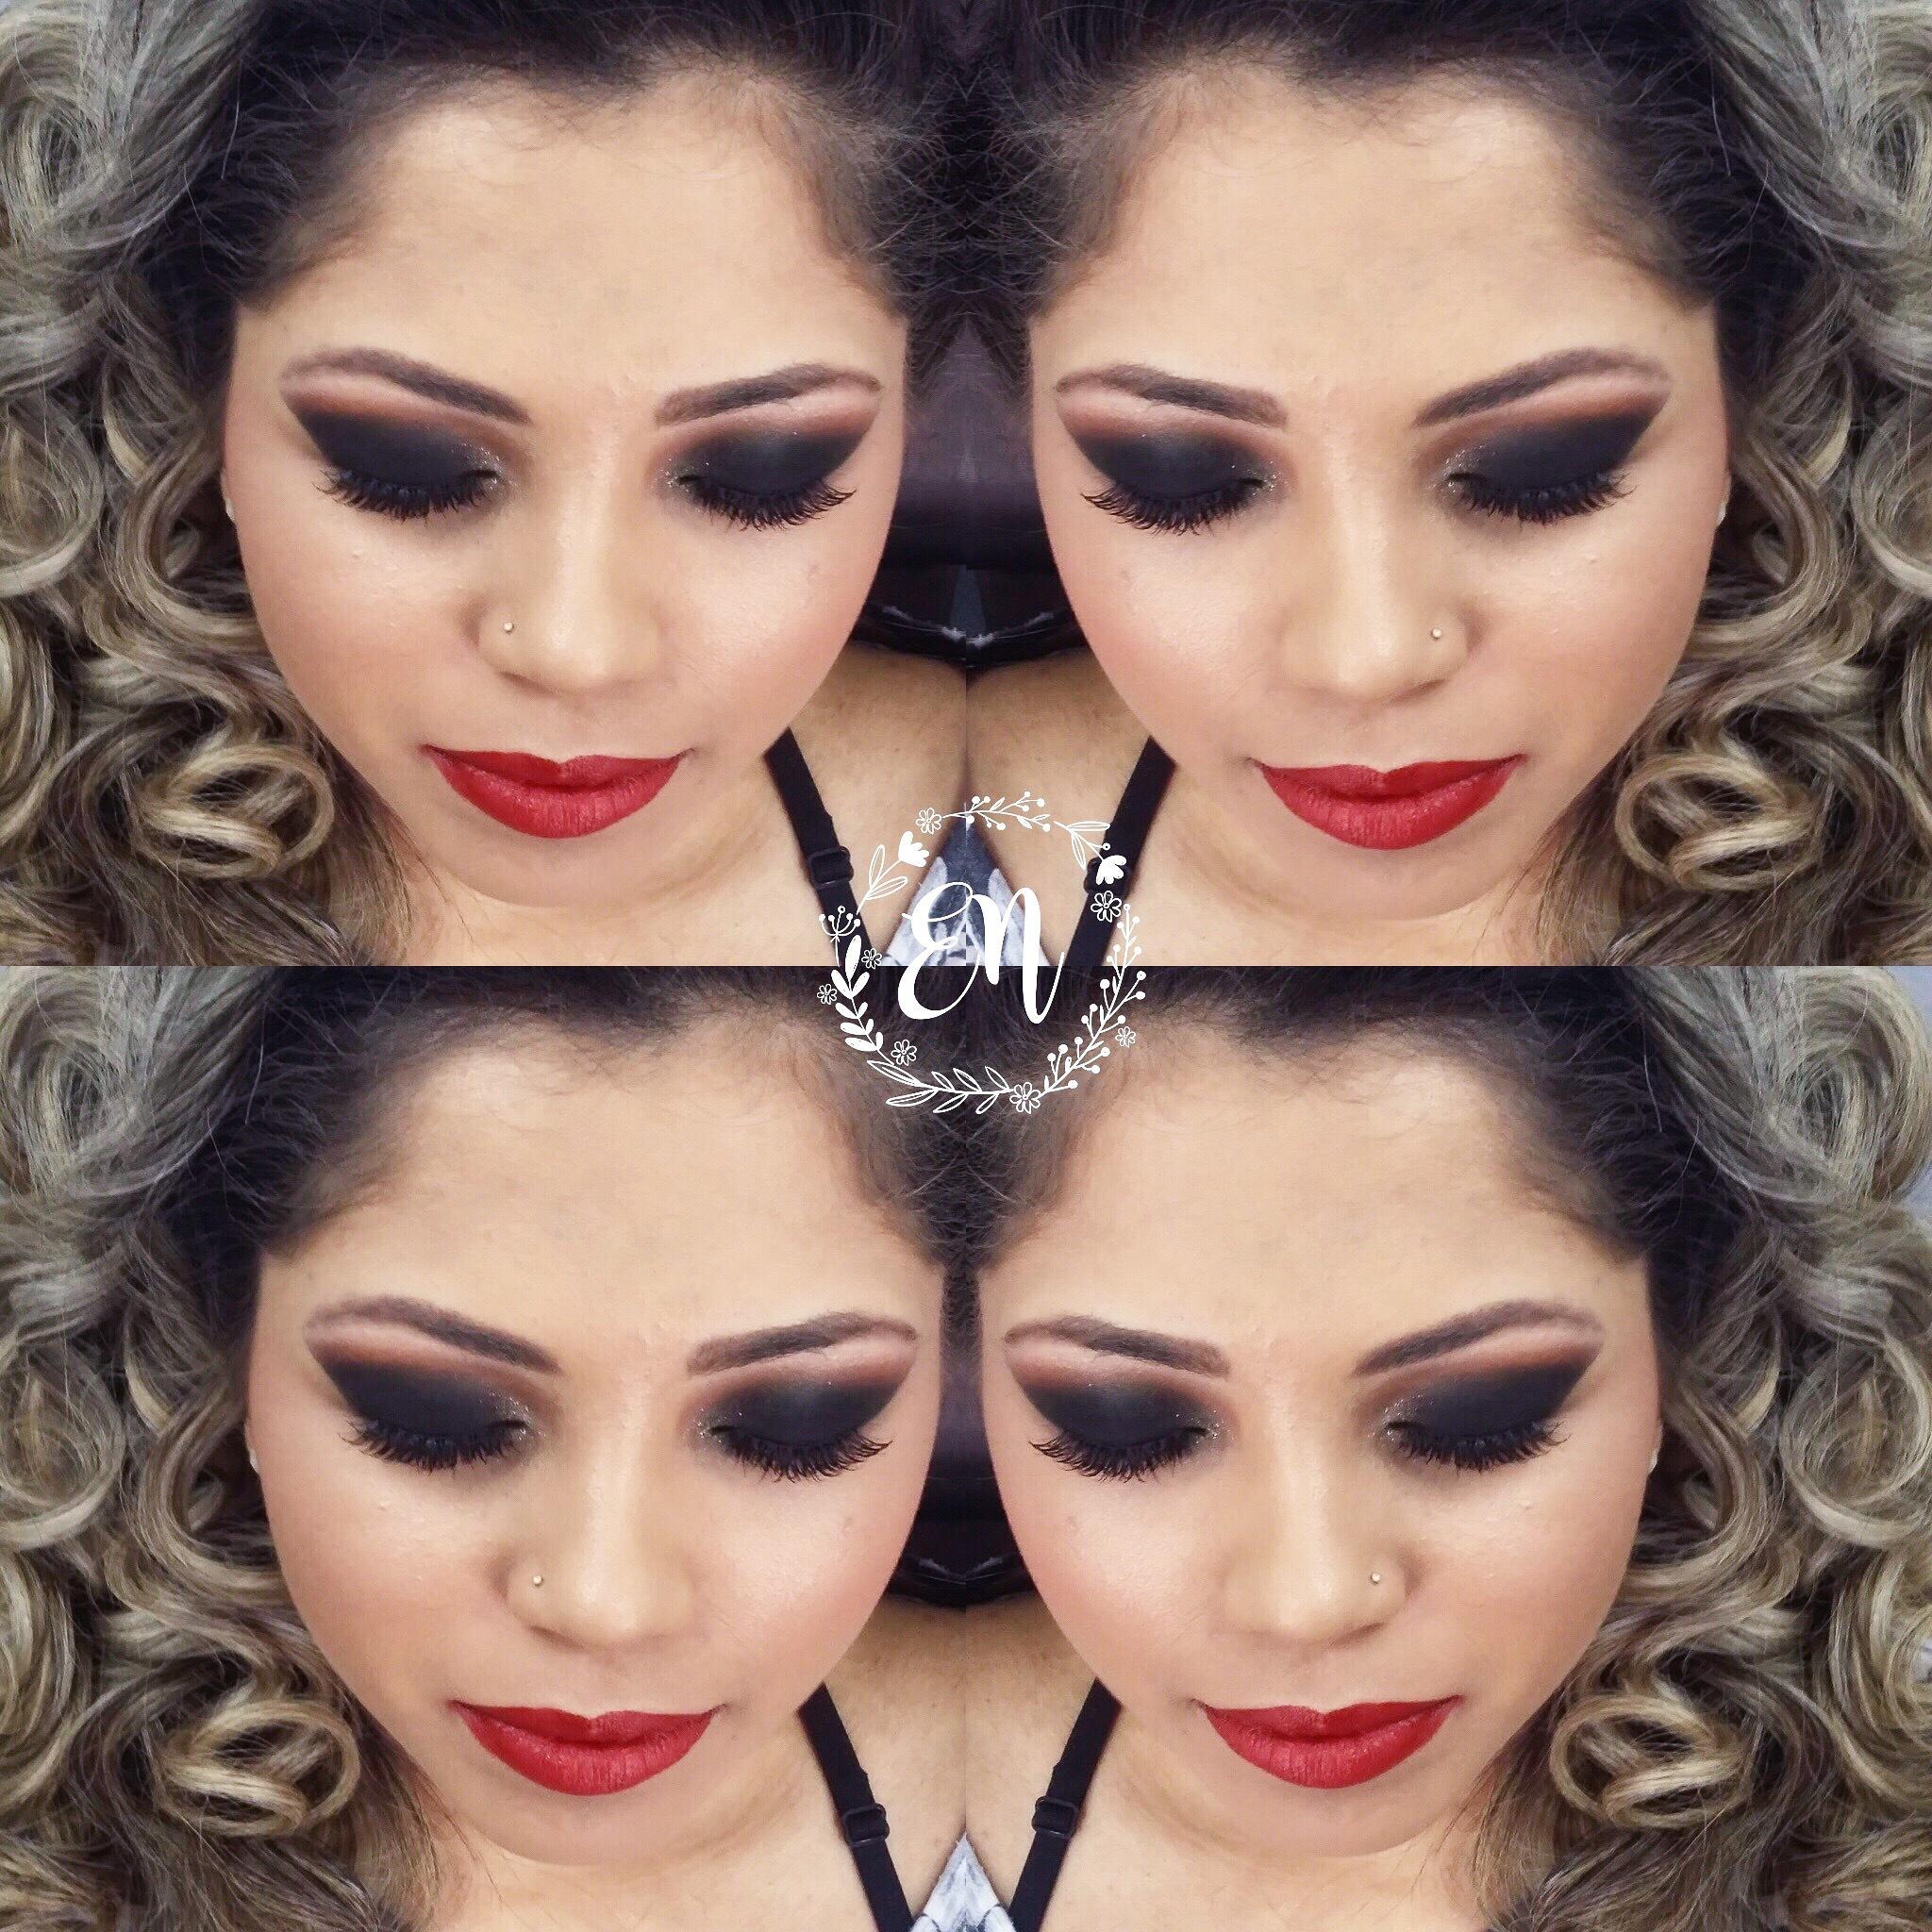 maquiador(a) cosmetólogo(a) esteticista auxiliar cabeleireiro(a)